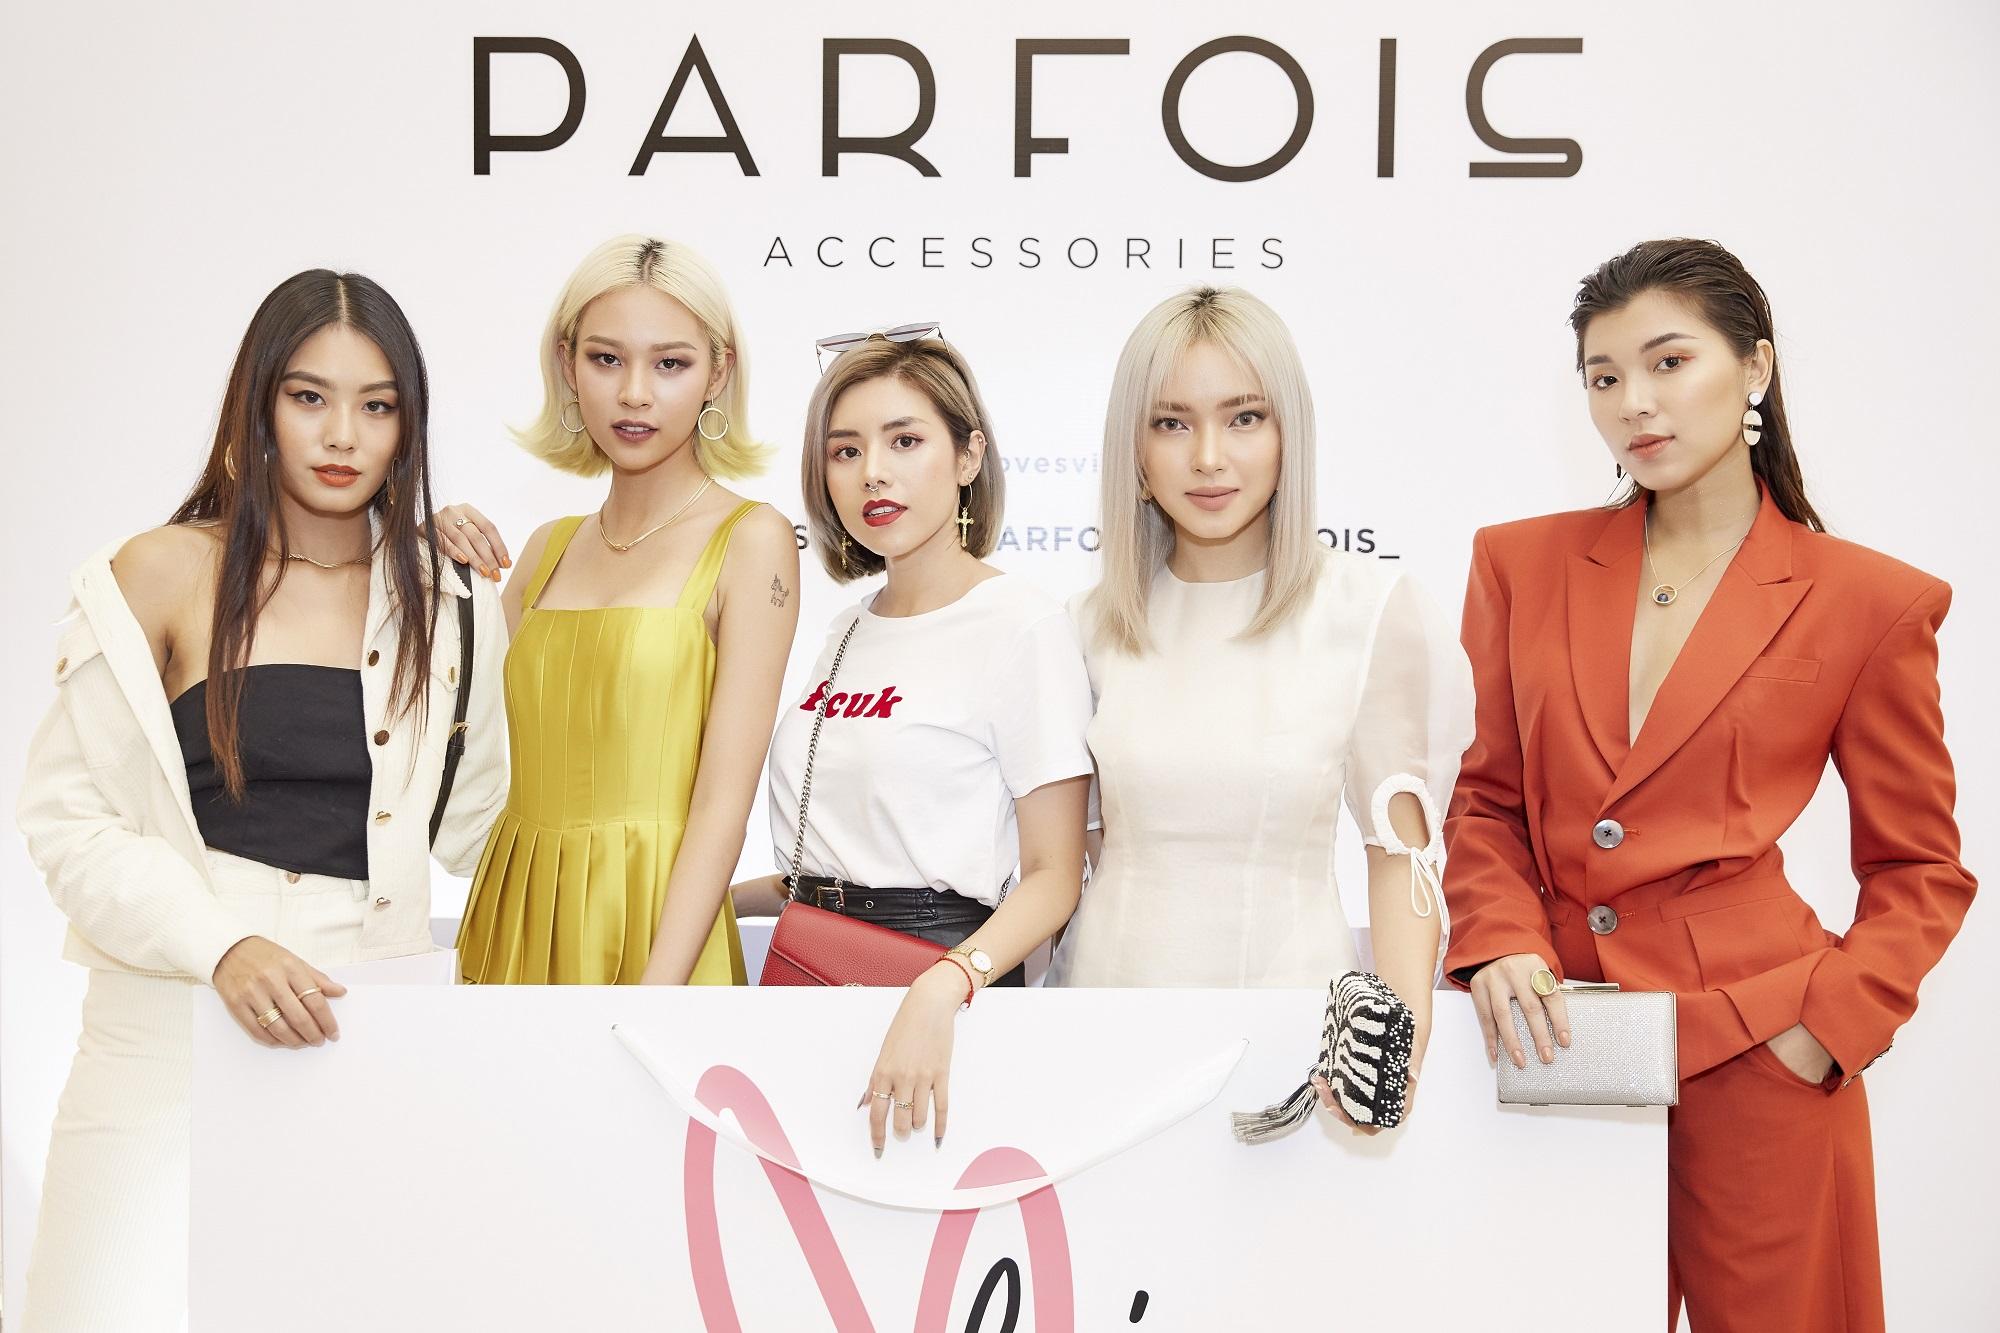 Châu Bùi, Phí Phương Anh cùng đông đảo tín đồ thời trang hội tụ tại cửa hàng phụ kiện đầu tiên của PARFOIS - Ảnh 7.